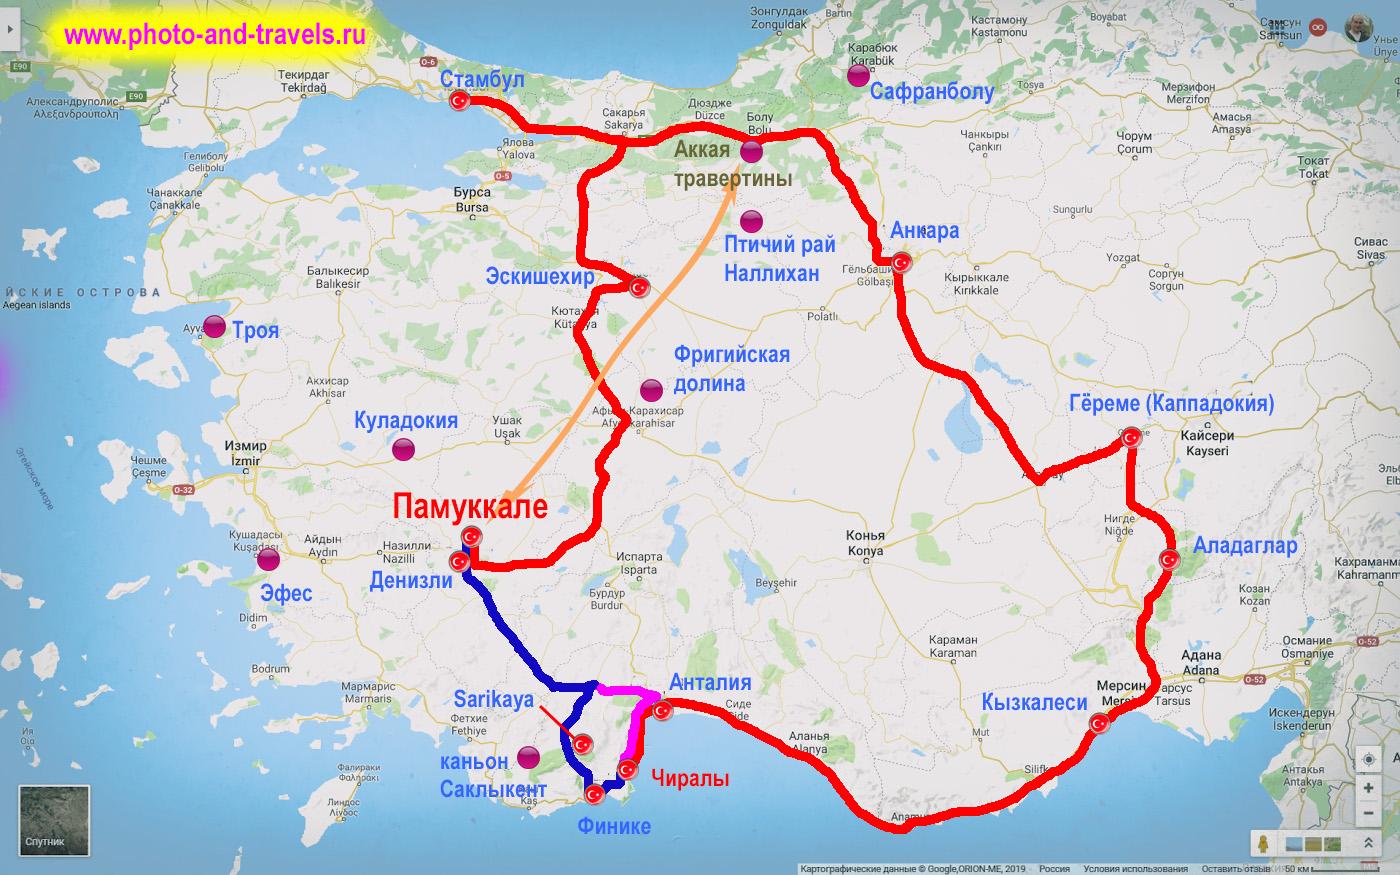 Карта со схемой маршрута, как добраться в Памуккале из Алании, Анталии и Кемера. Также показано, где находятся аналогичные травертины Аккая (Akkaya Travertenleri).